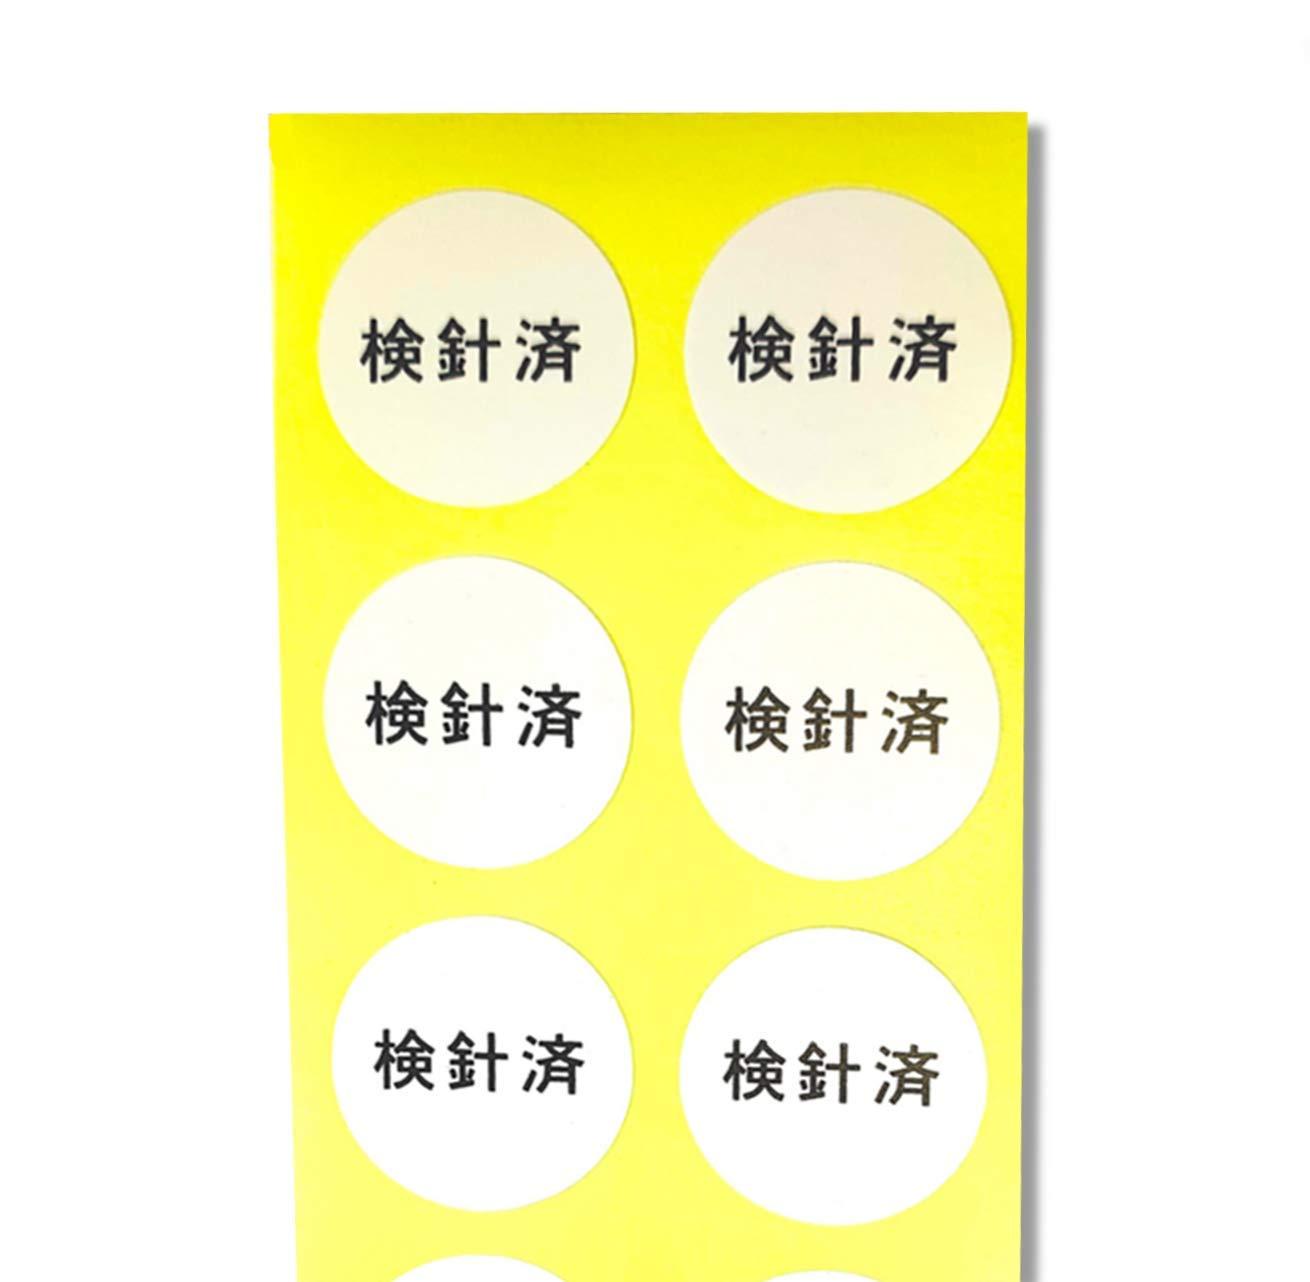 [サンシャイン印刷] 検針済シール ステッカー 検針済 強粘着 直径 20mm 日本製 (10,000枚) 10,000枚  B07JBCMYQQ